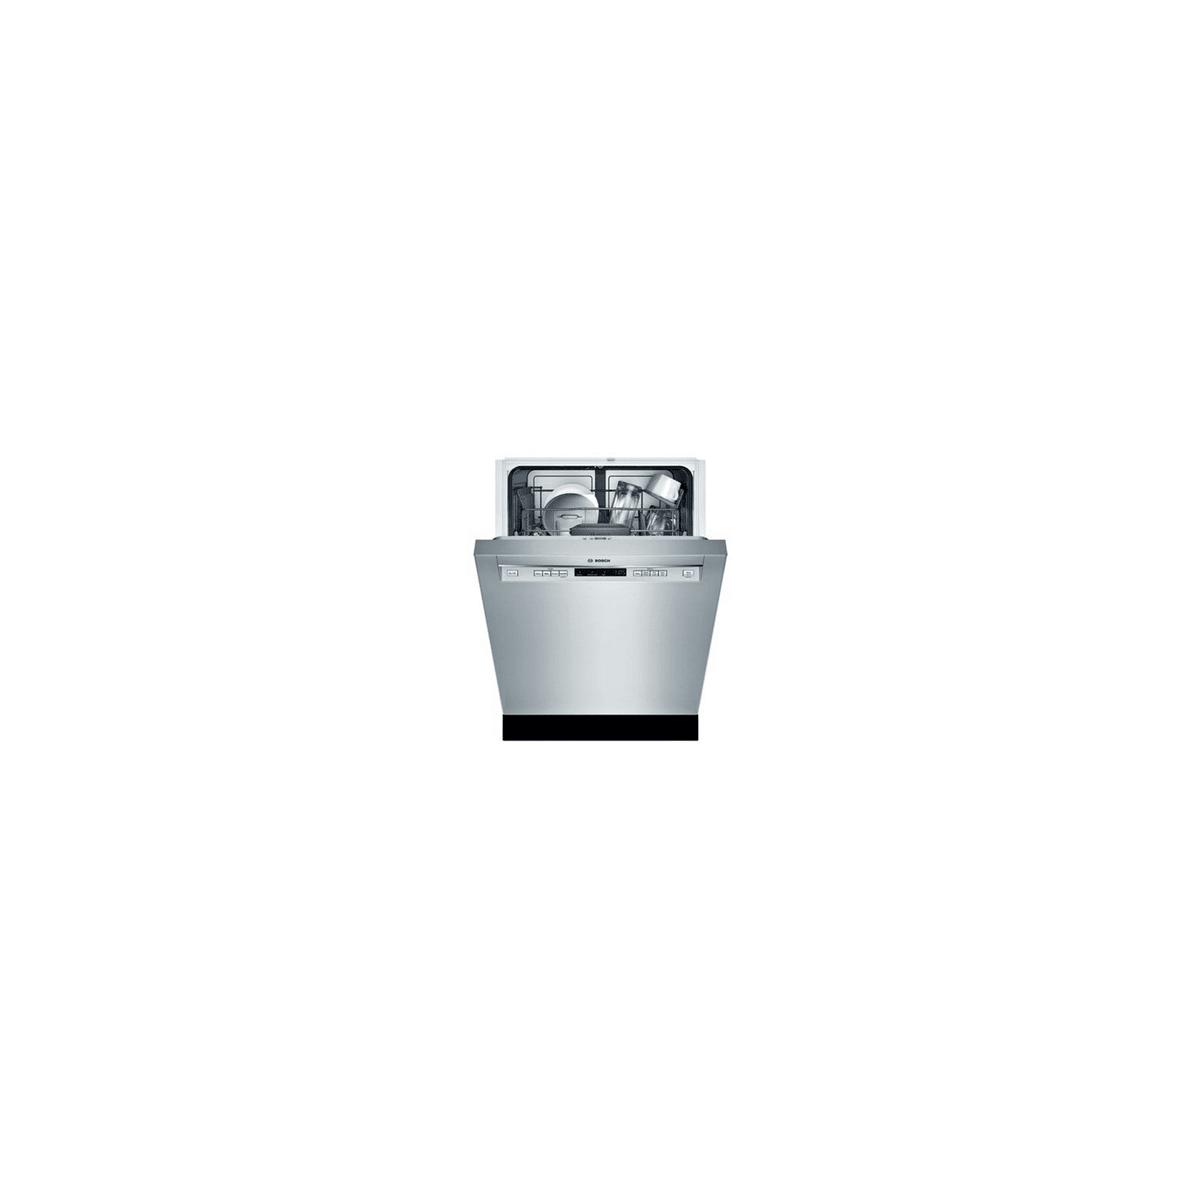 10 BEST Bosch Third Rack Dishwashers of March 2020 15